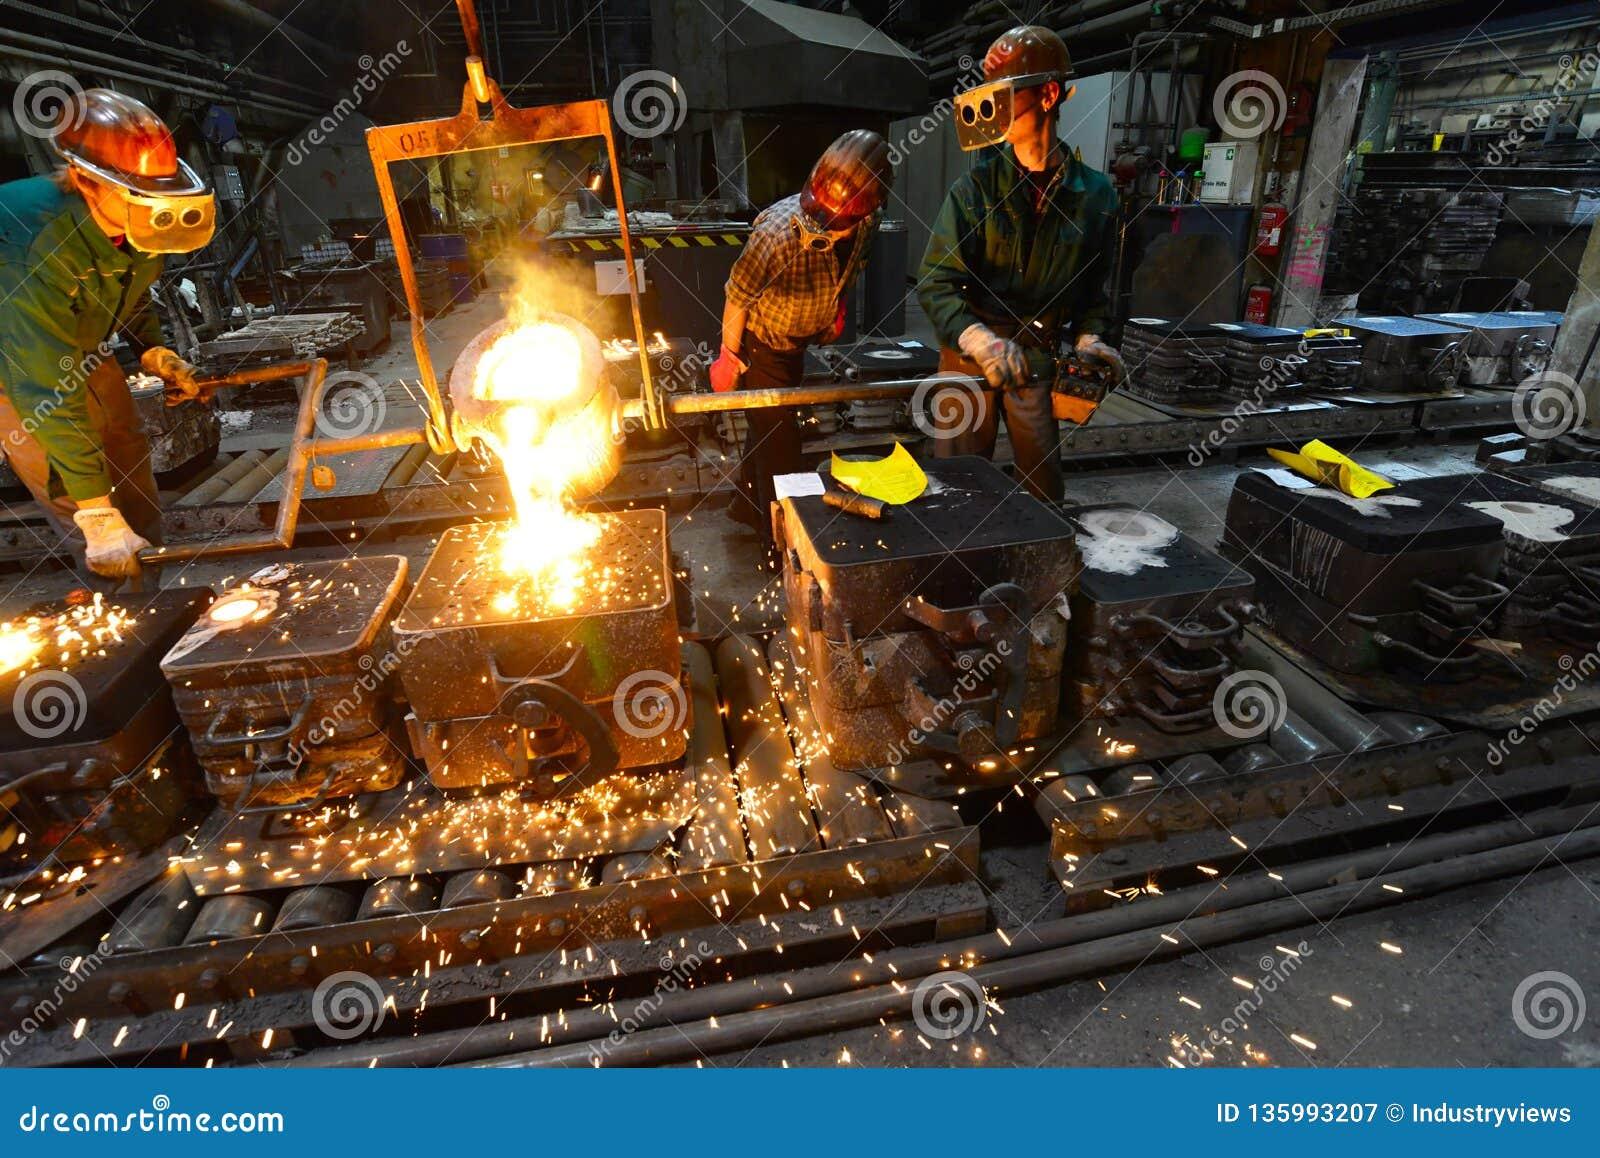 工作者在熔铸金属制件-工作安全的铸造厂和配合